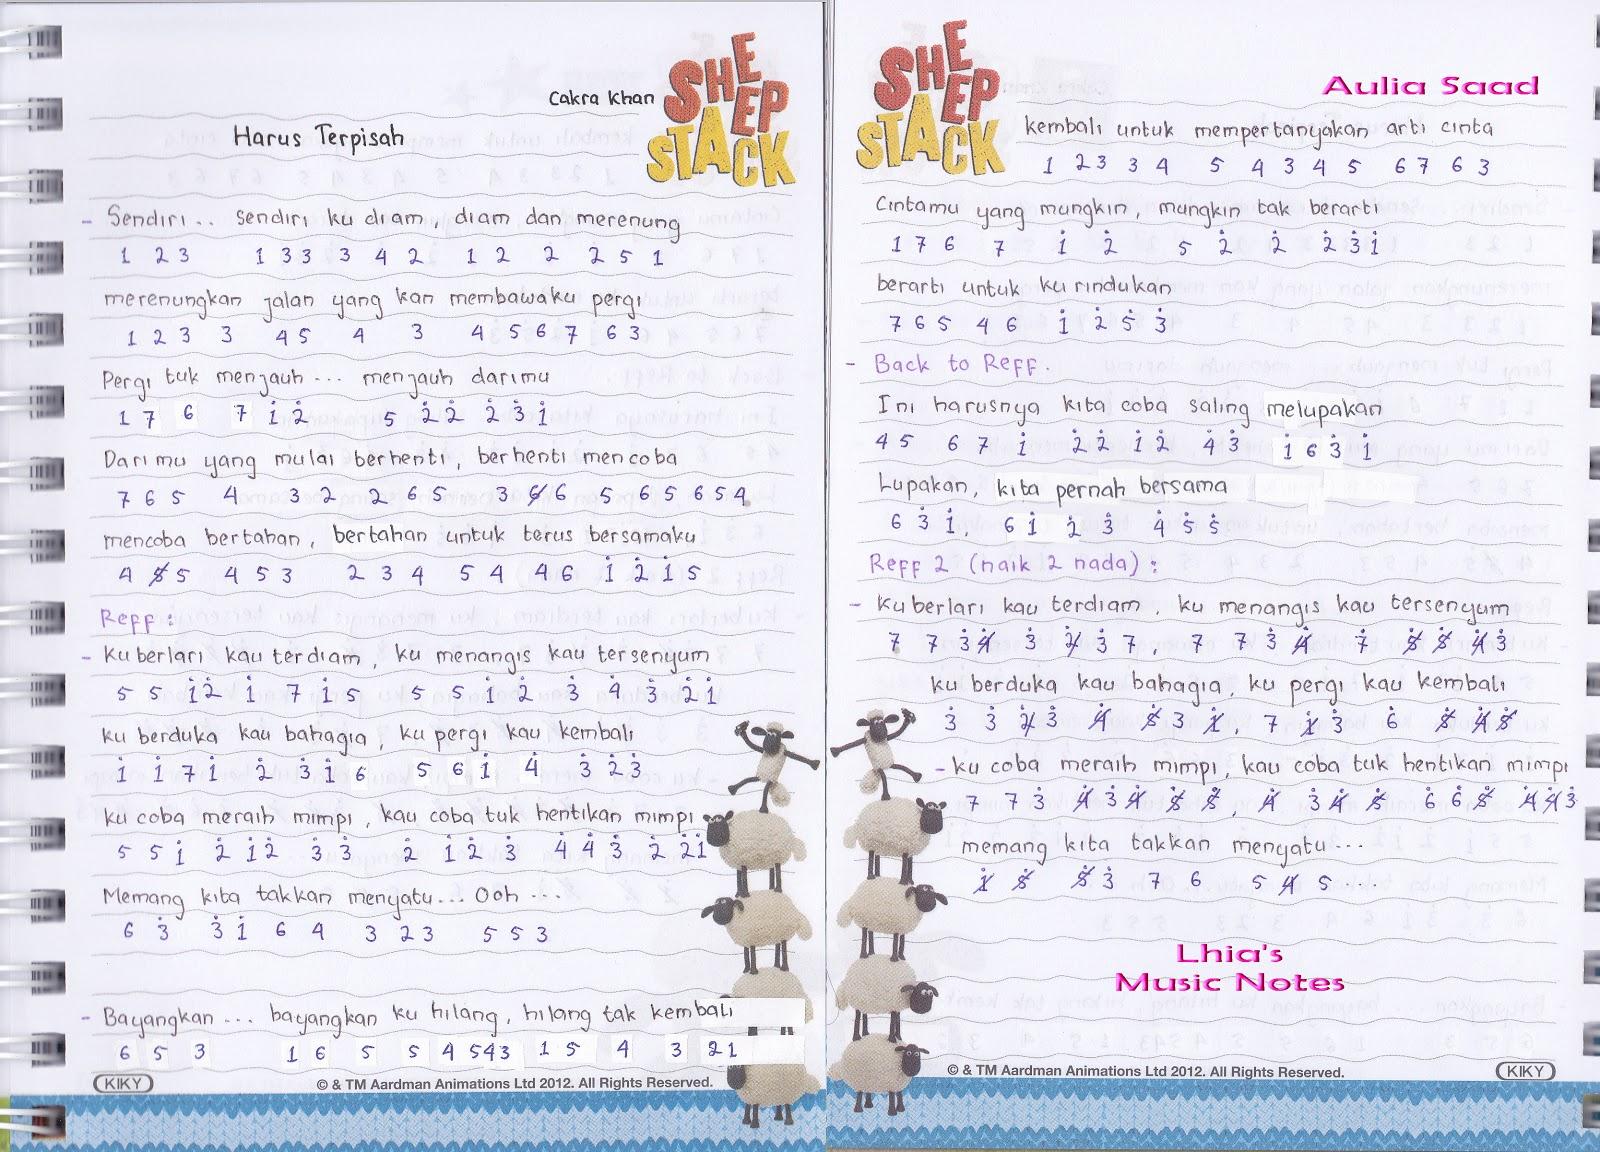 Catatan Not Lagu Cakra Khan Harus Terpisah Rumor Butiran Debu Adera Lebih Indah Piano Pemula Lhia S Music Notes